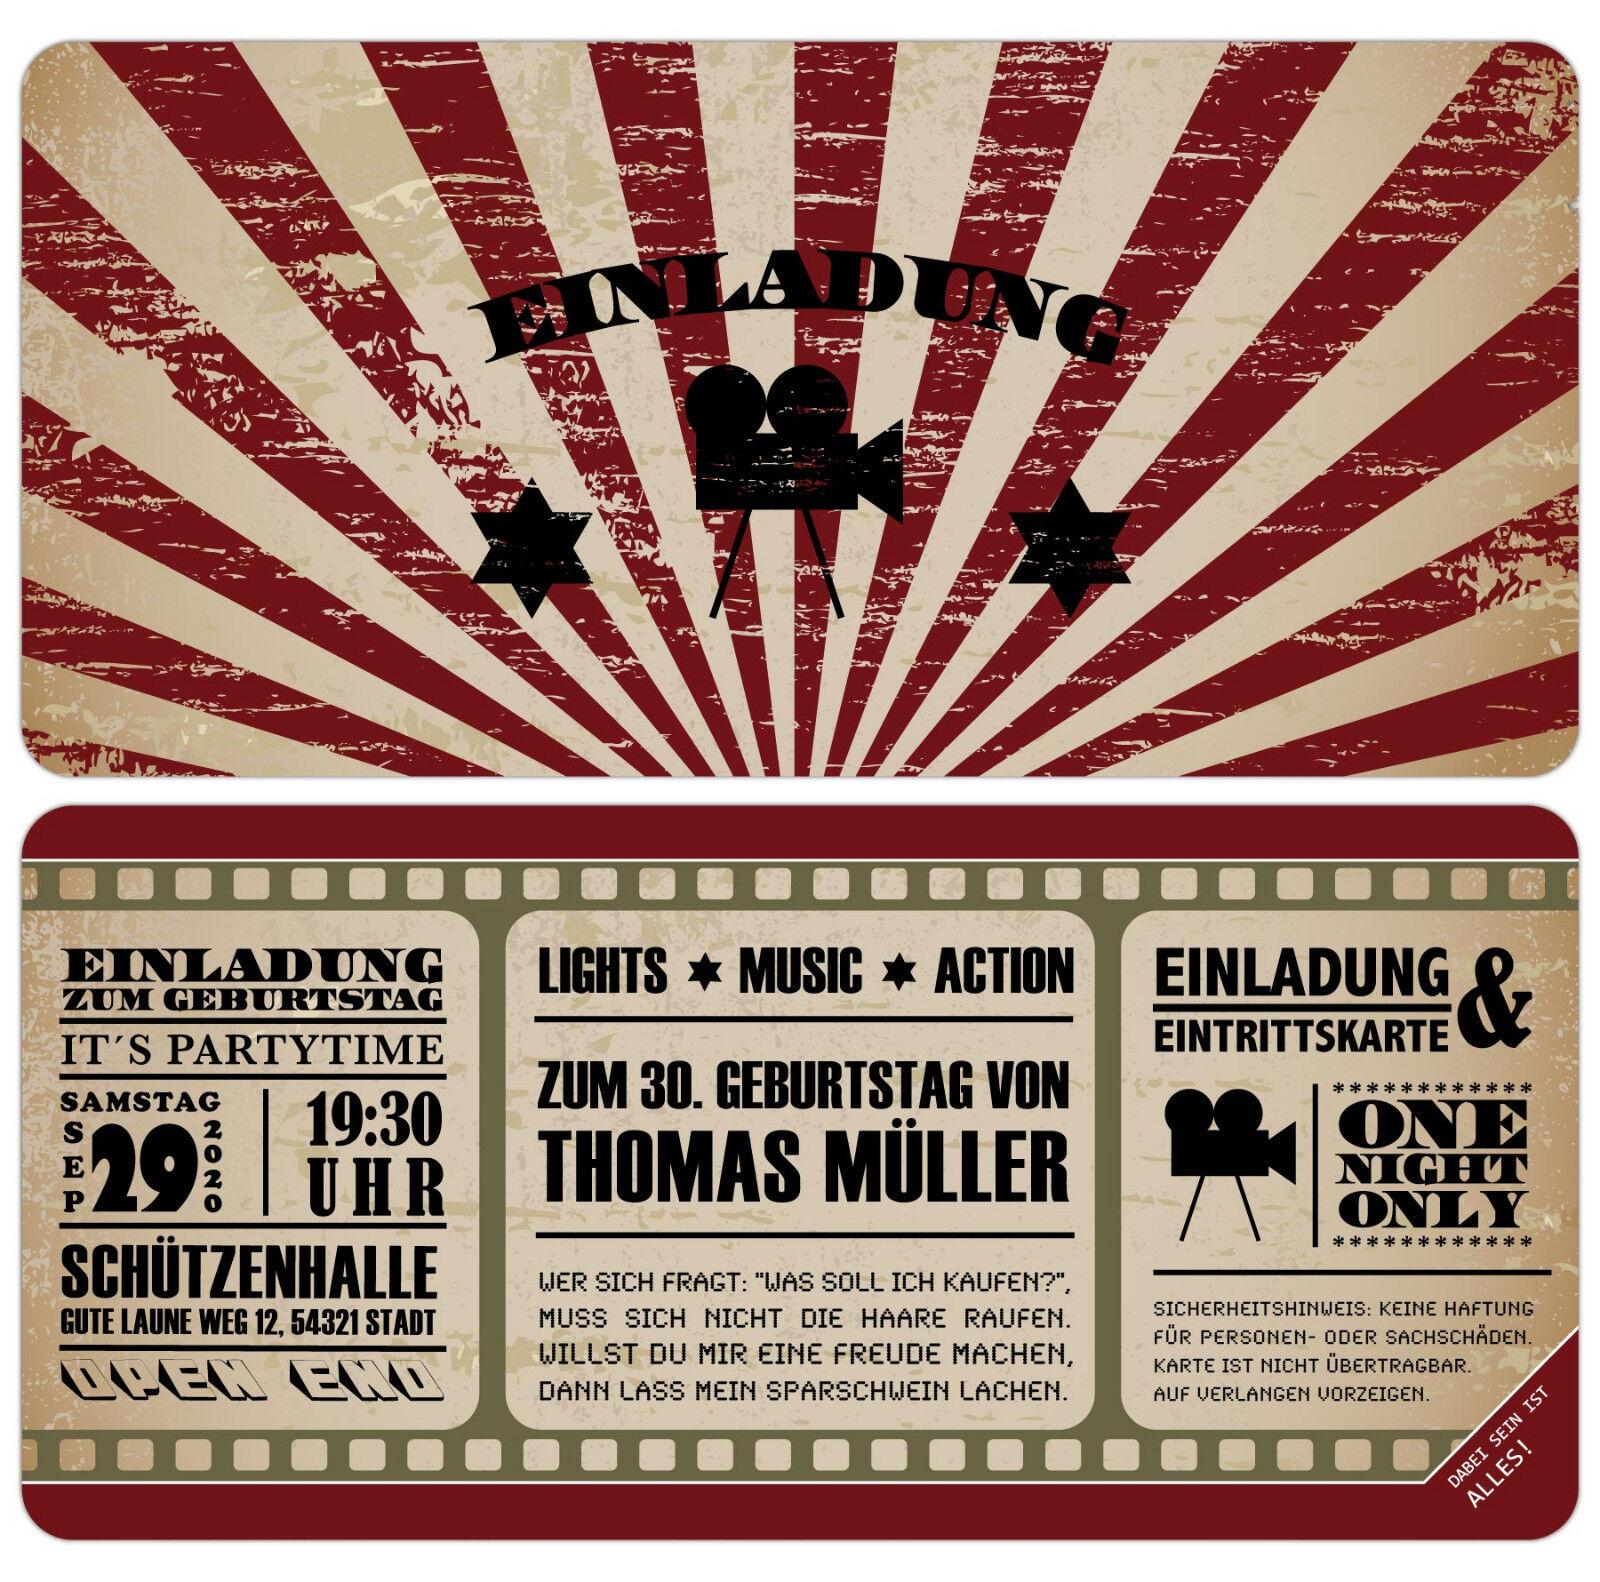 Vintage cine ticket tarjetas de invitación para mi cumpleaños boleto con demolición